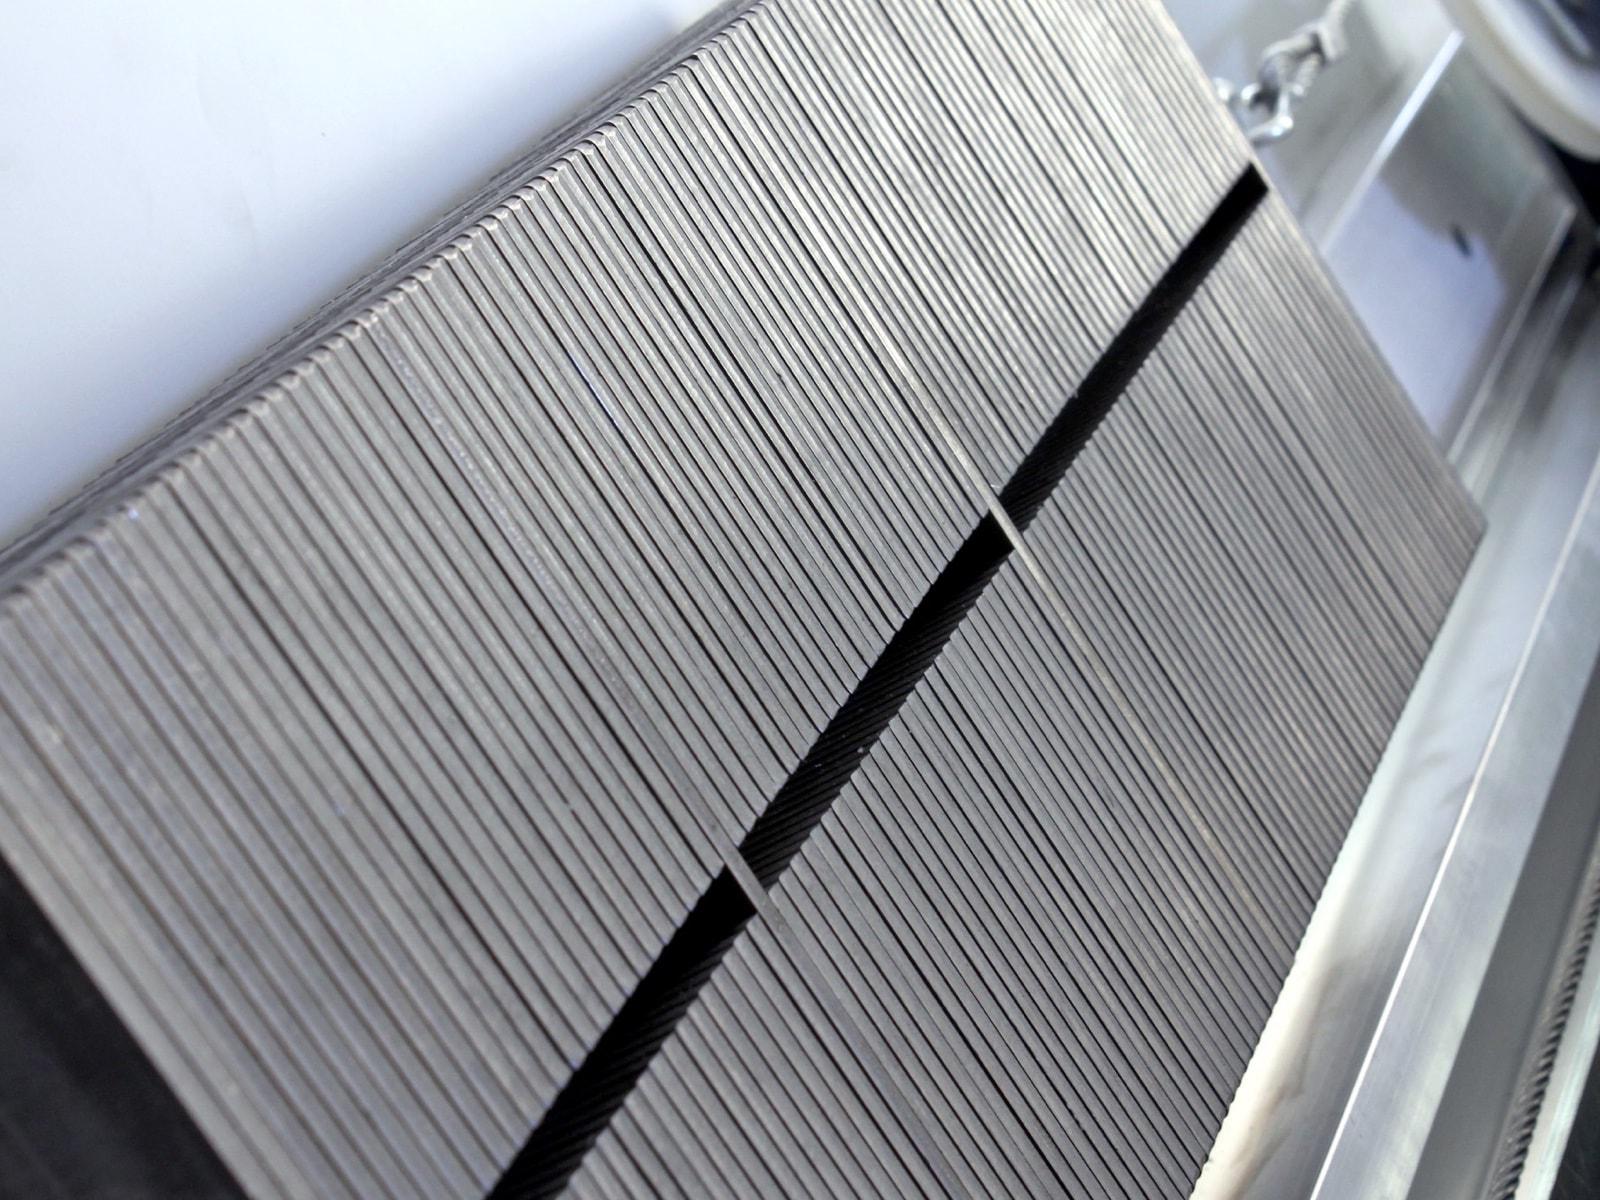 Portone basculante da garage SWING - Dettaglio contrappesi